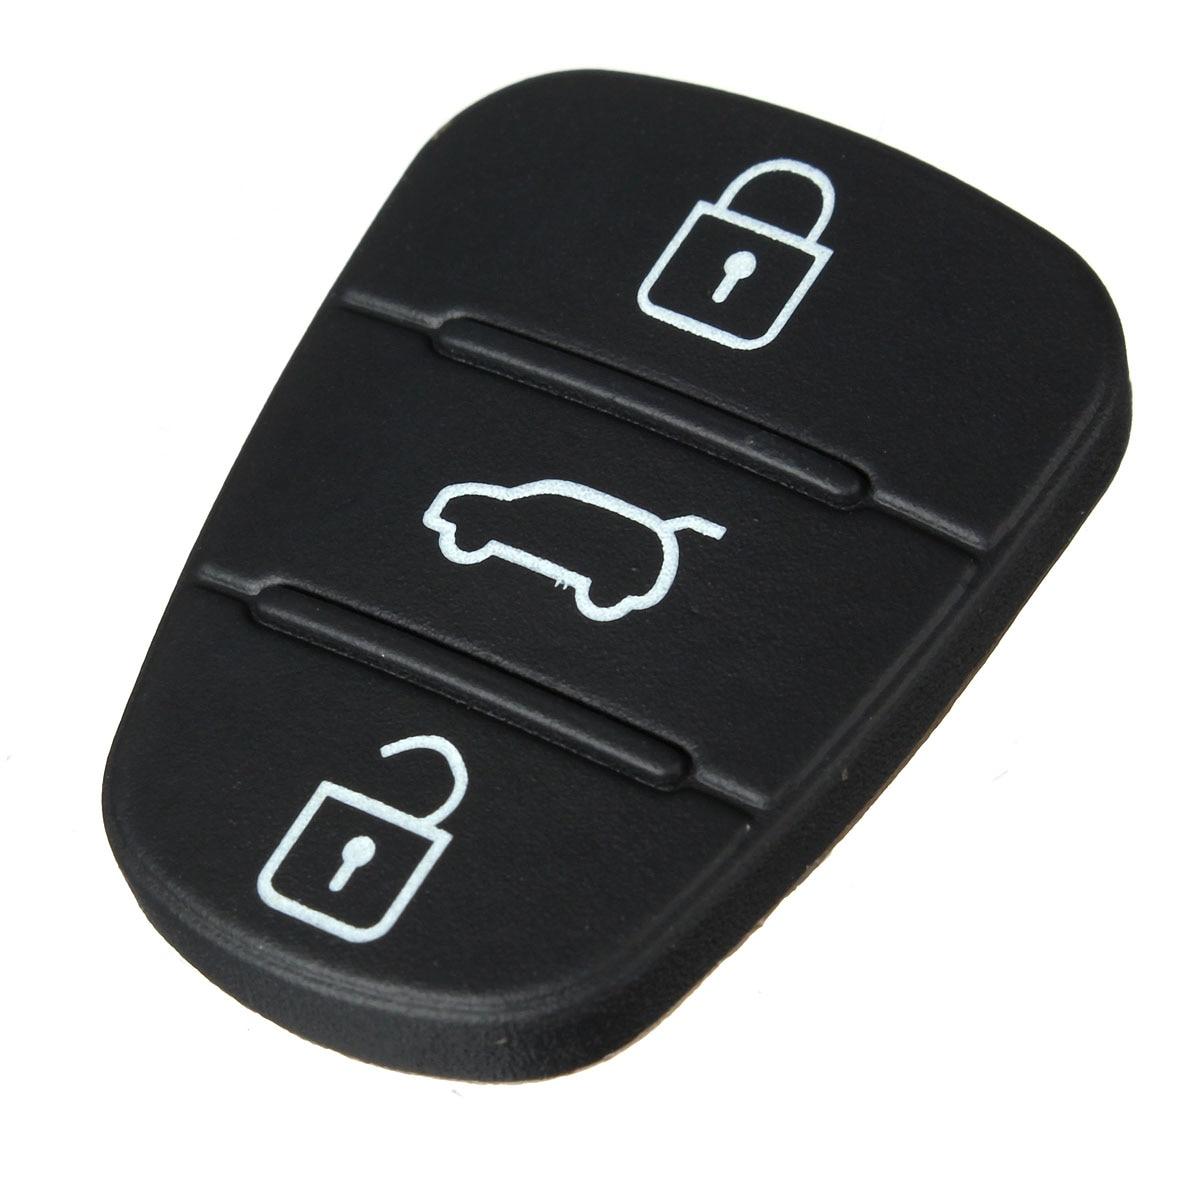 3 Taste Remote Key Fob Fall Gummi Pad Für Hyundai I10 I20 I30 Flip Schlüssel Shell Fall Für Auto